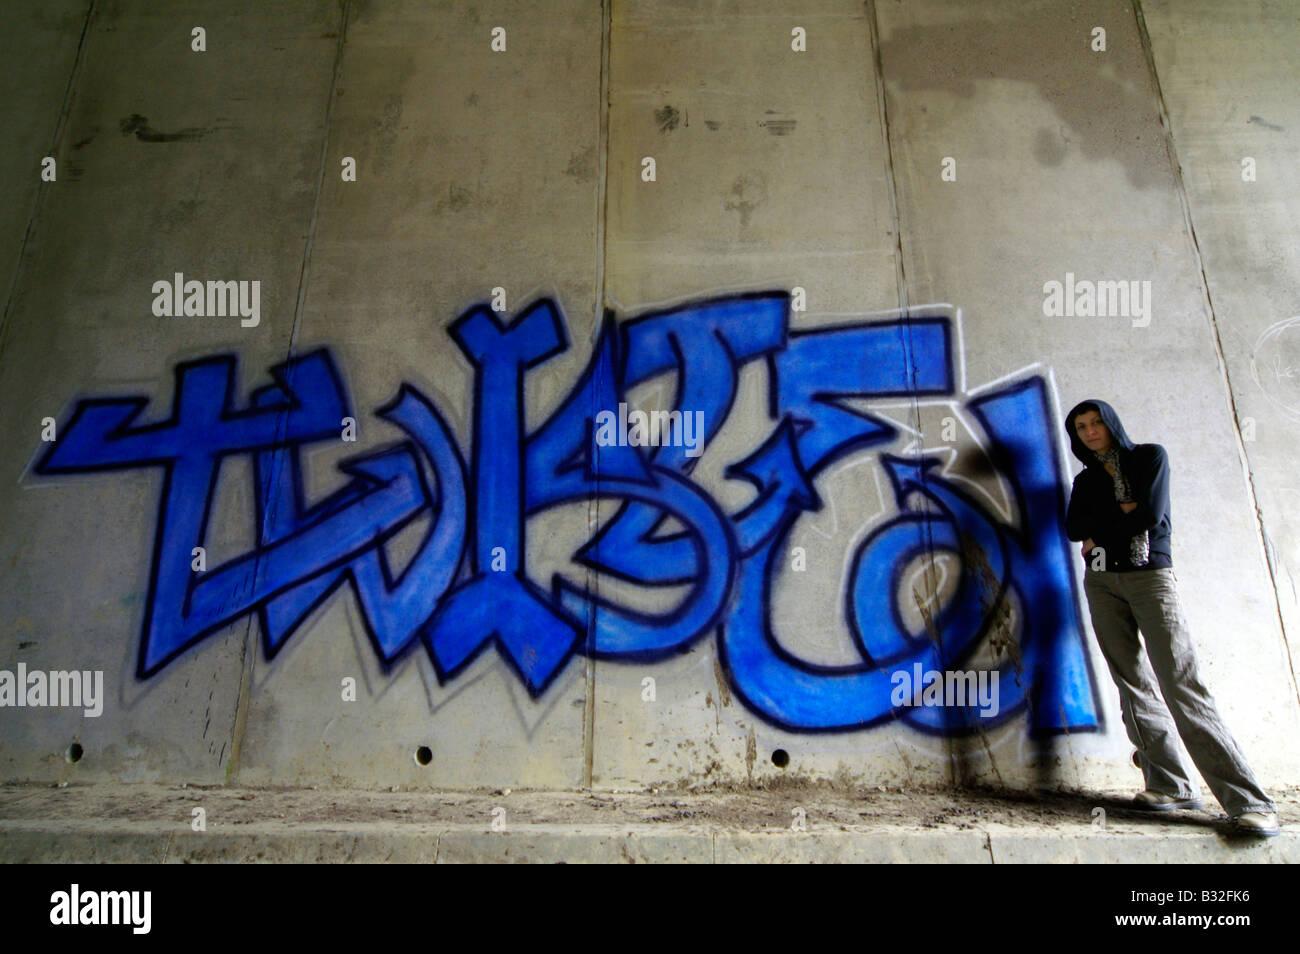 Ragazza con cappuccio in piedi accanto a lei i graffiti sulla parete del tunnel, South Bank di Londra Immagini Stock